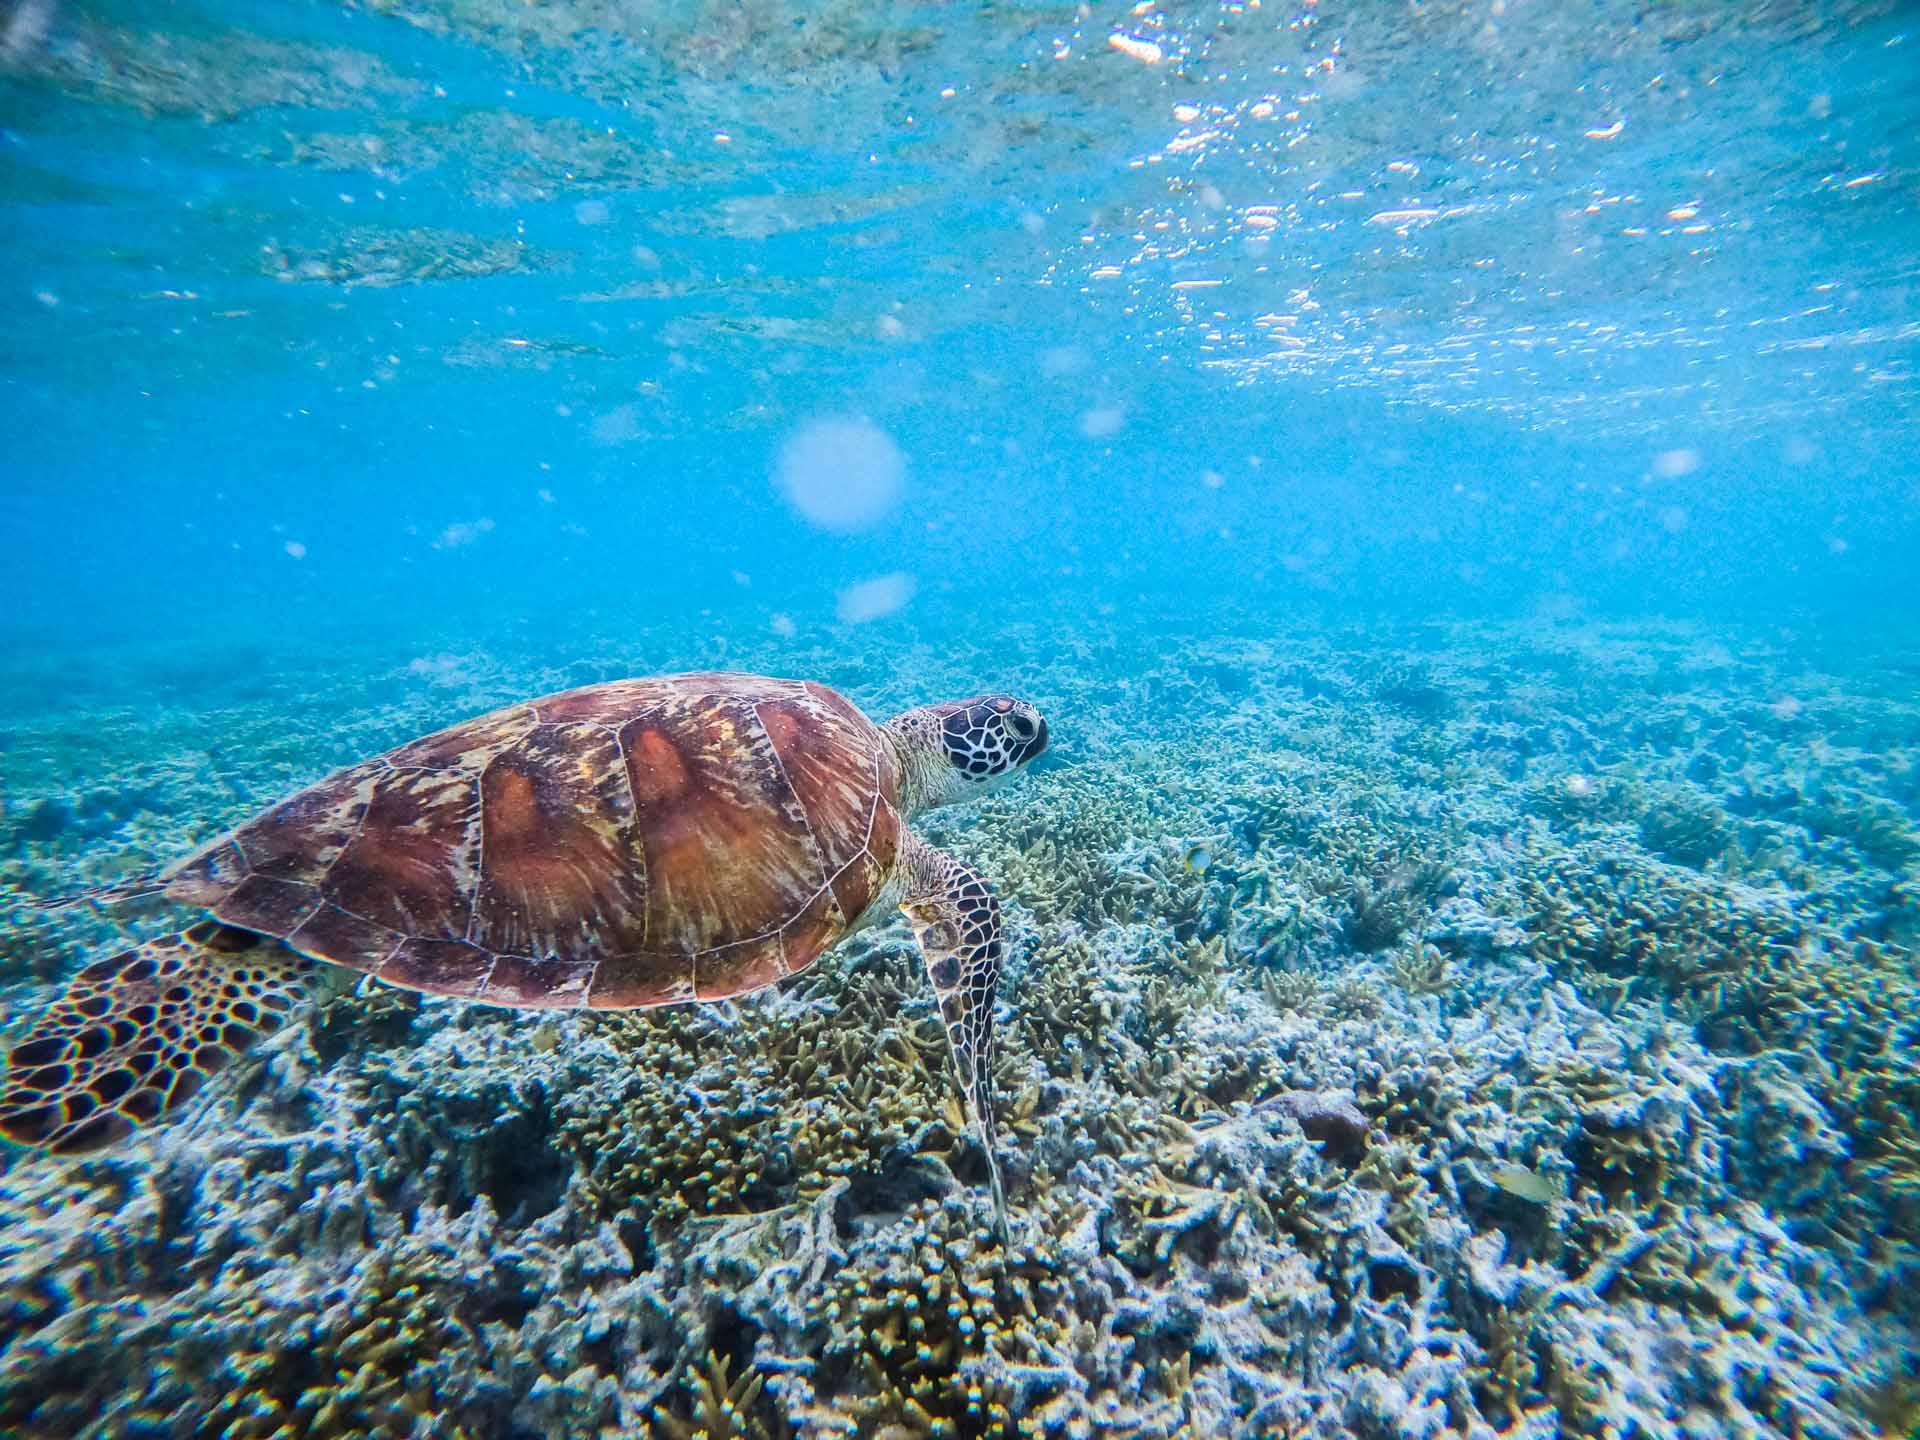 heron-island-great-barrier-reef-4